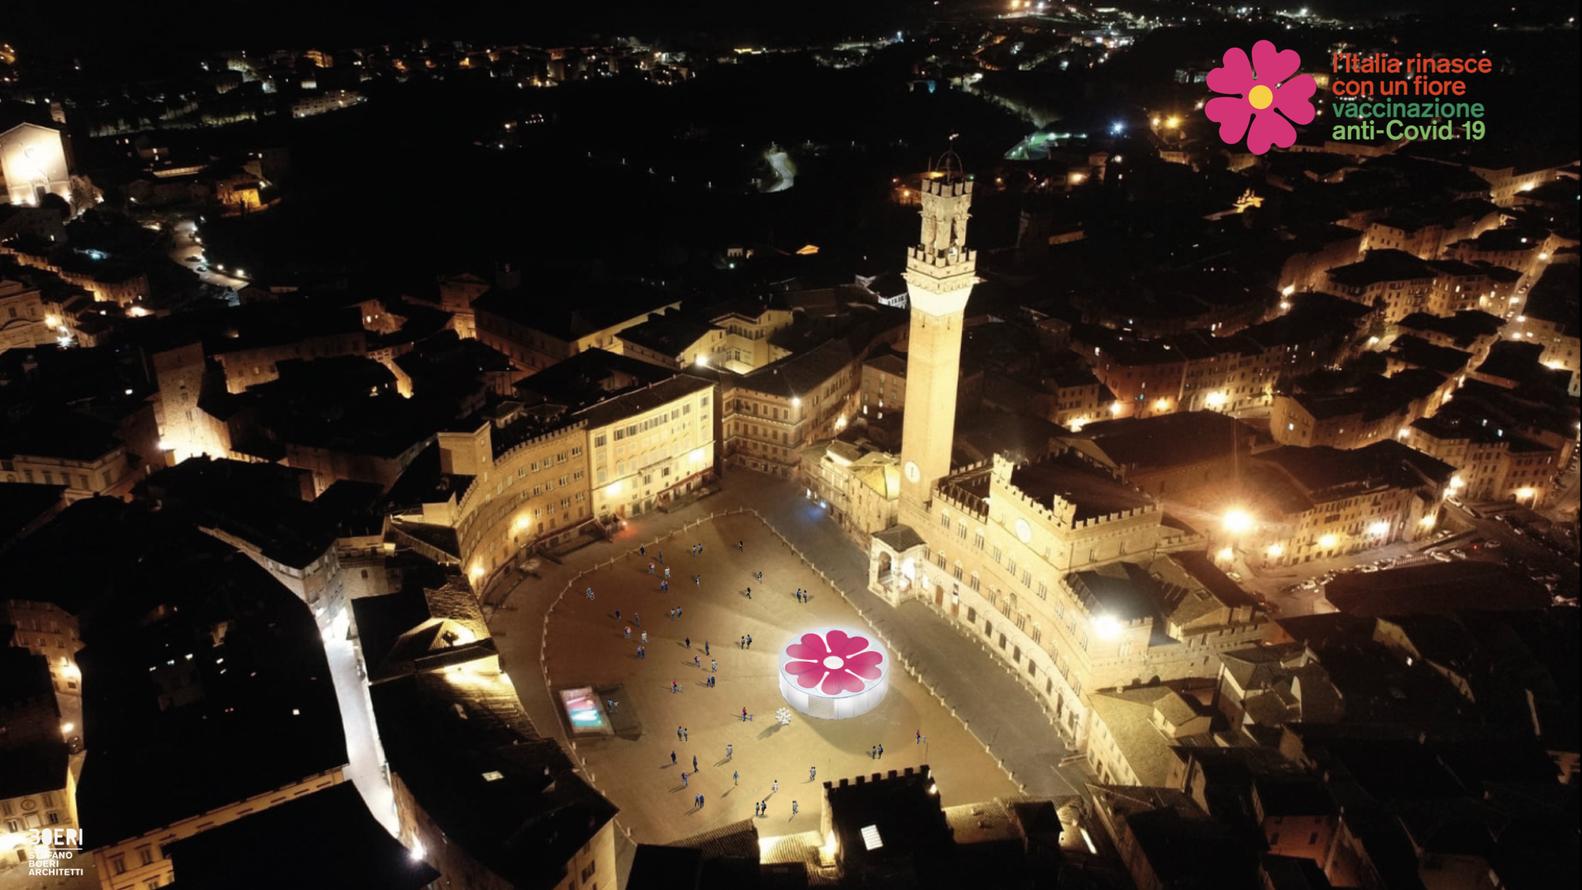 Stefano Boeri: Κέντρα εμβολιασμού που ανθίζουν στις πλατείες – Στην Ιταλία δεν αφήνουν τίποτα στην τύχη